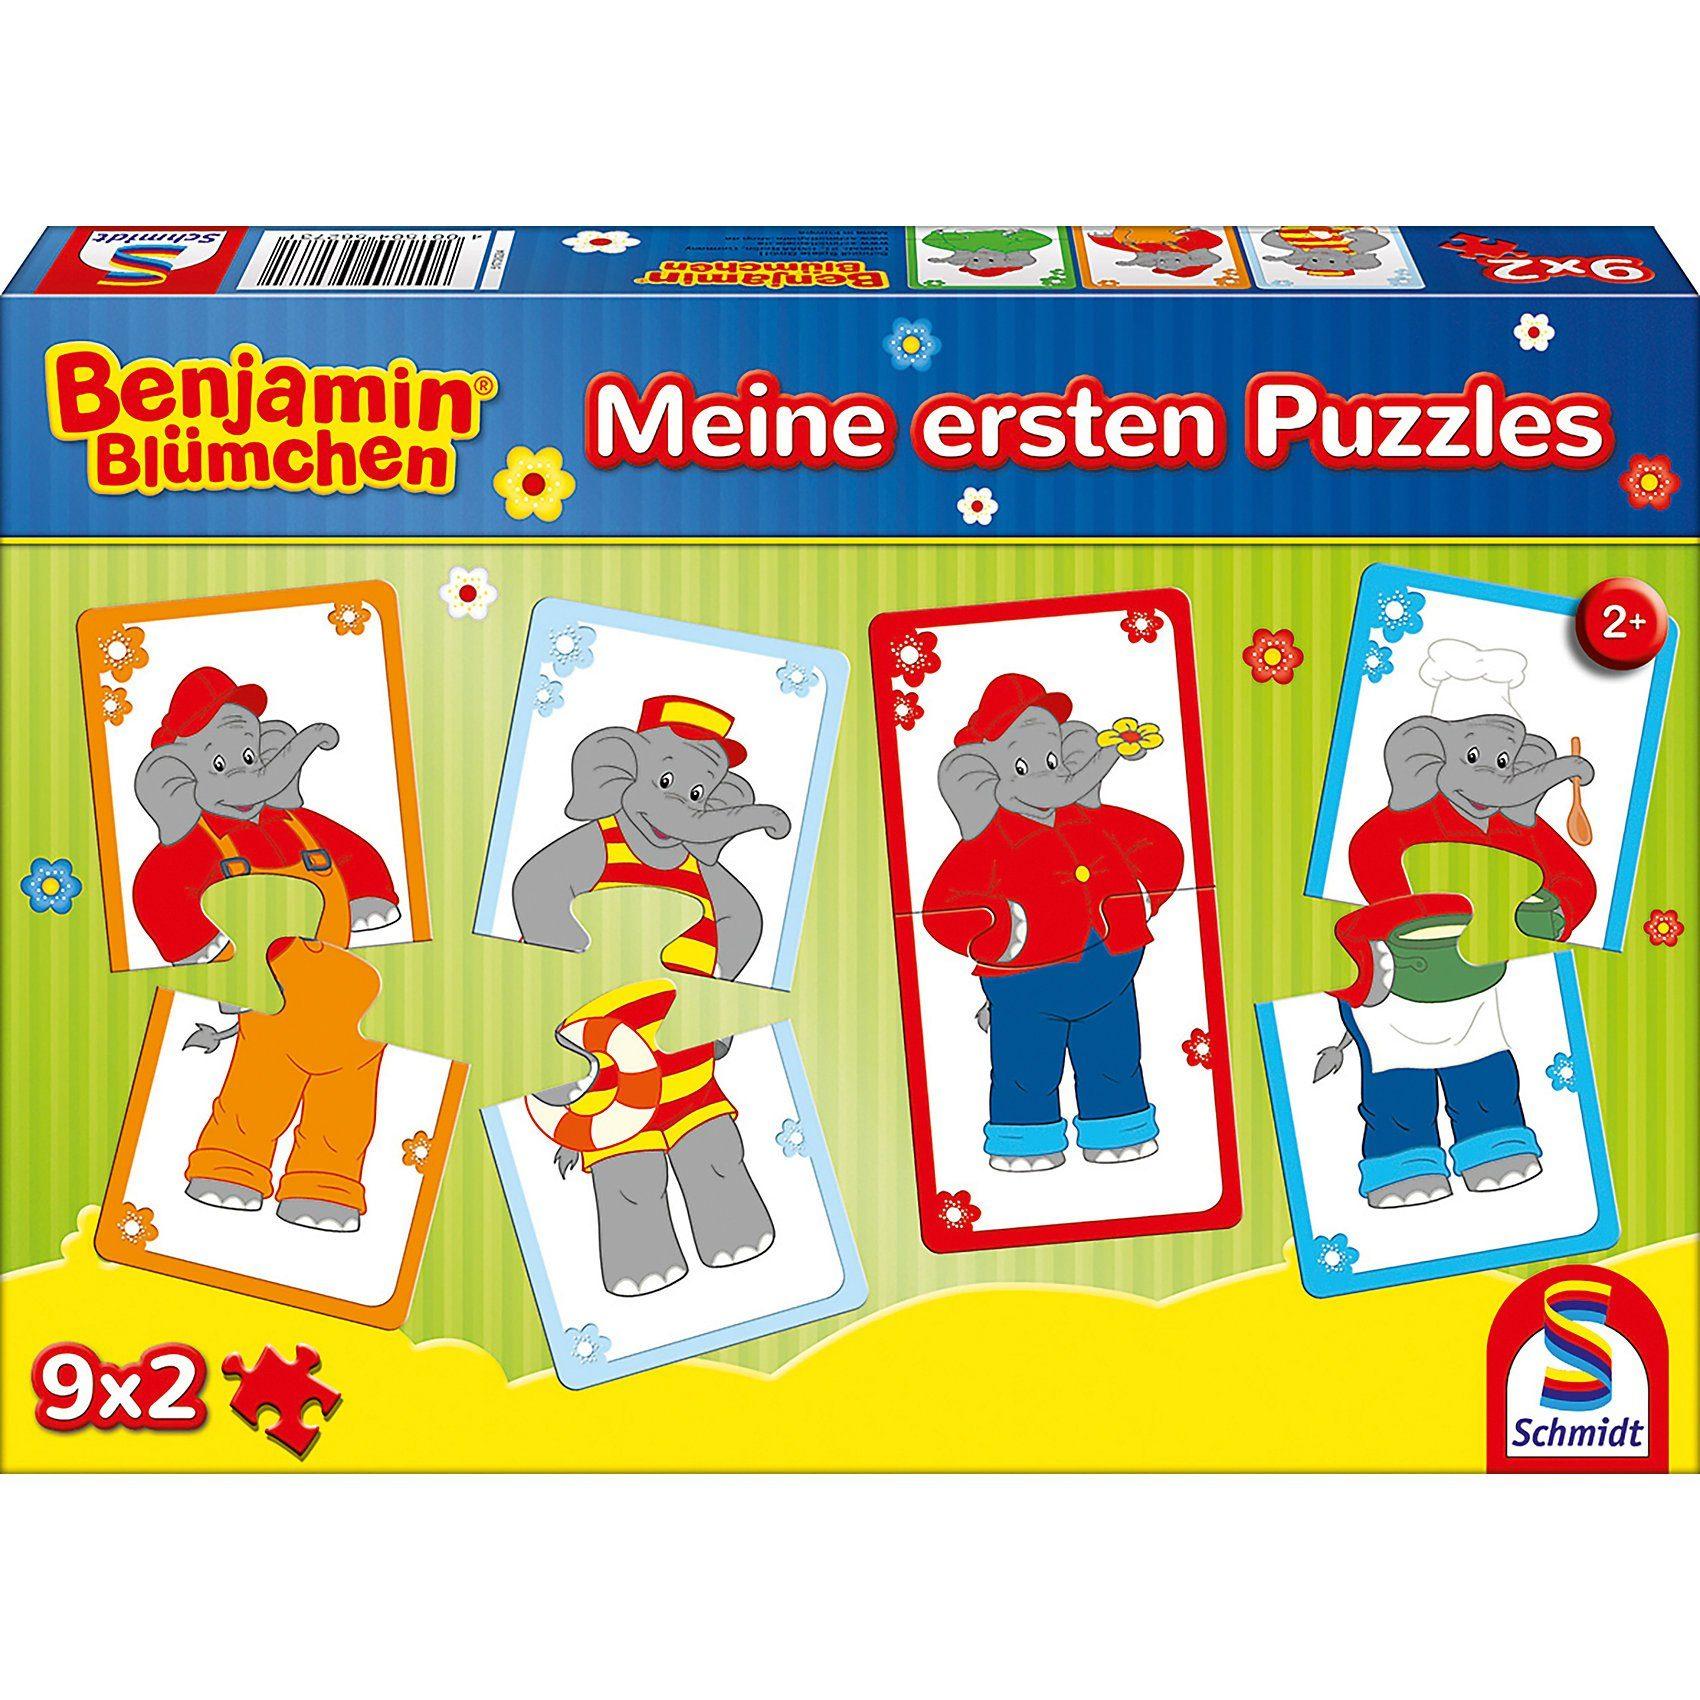 Schmidt Spiele Puzzleset 9 x 2 Teile Meine ersten Puzzles Benjamin Blümchen